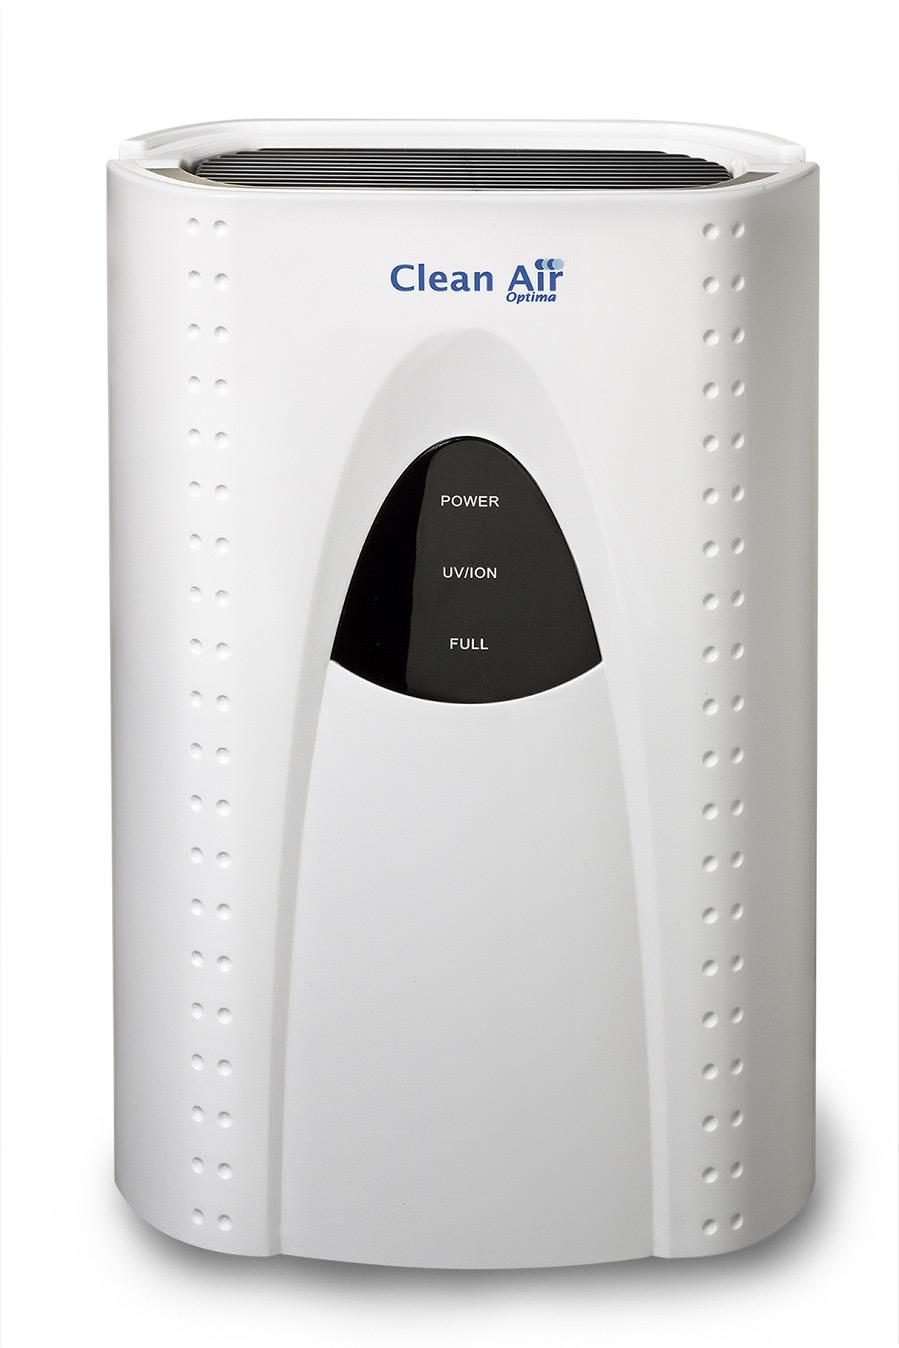 d shumidificateurs purificateurs et humidificateurs d air de clean air optima purificateurs. Black Bedroom Furniture Sets. Home Design Ideas